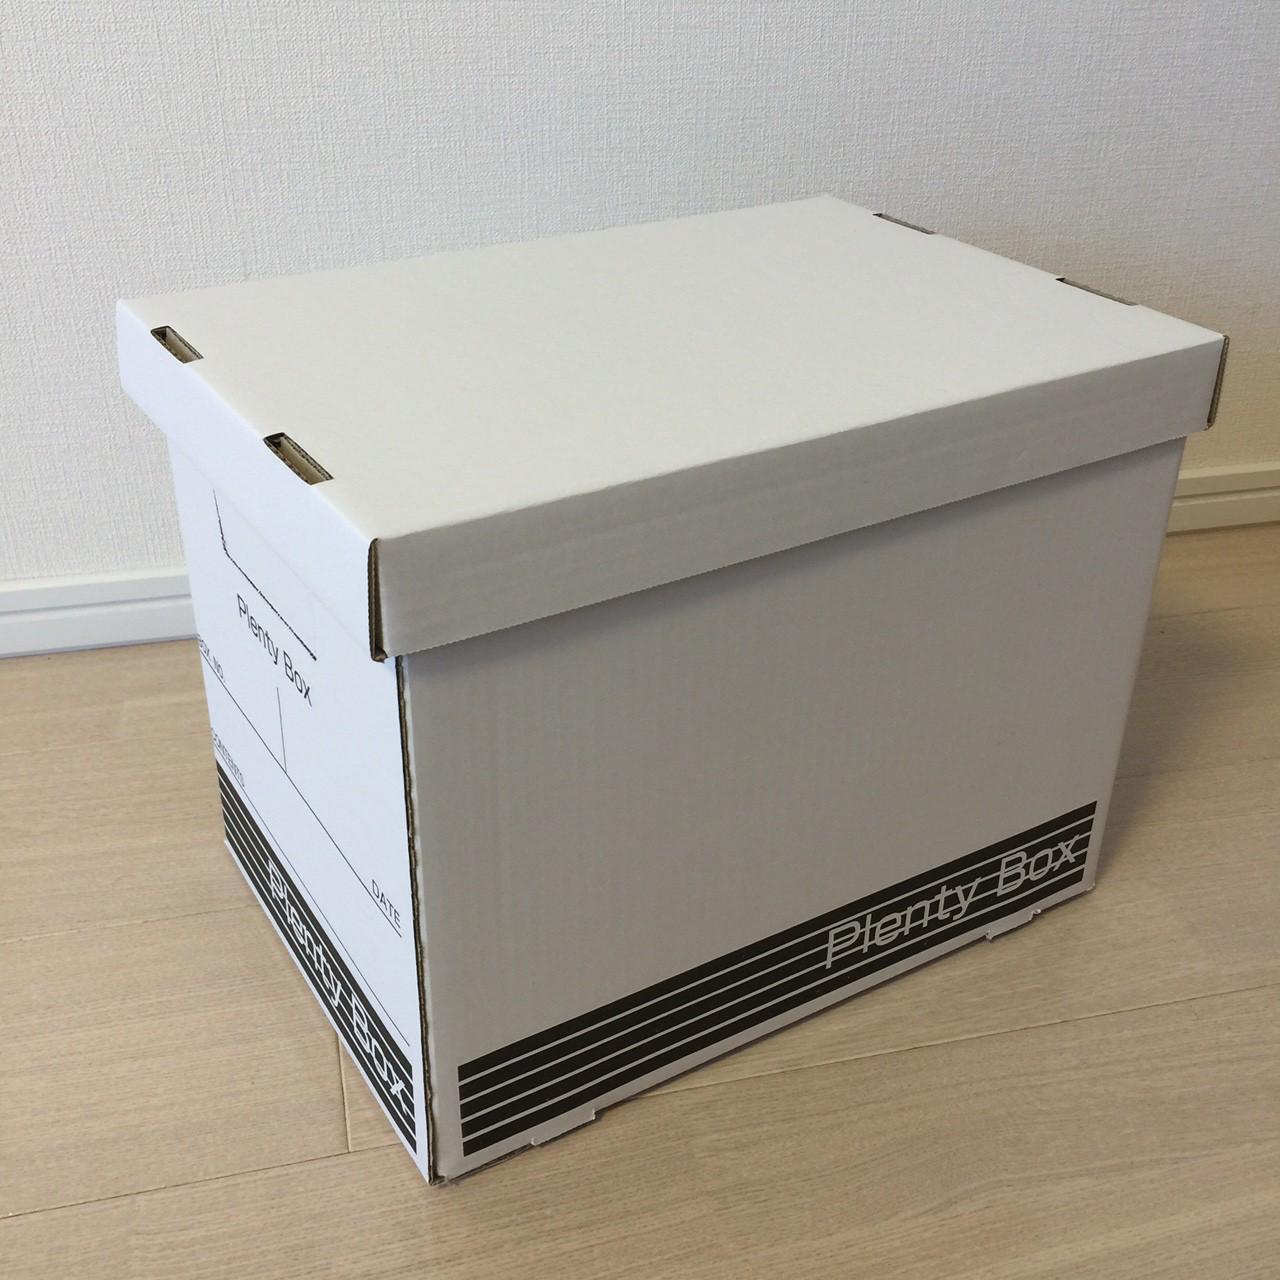 100円shopセリアの整理整頓・収納箱【Plenty Box(プレンティボックス)便利なダンボール】